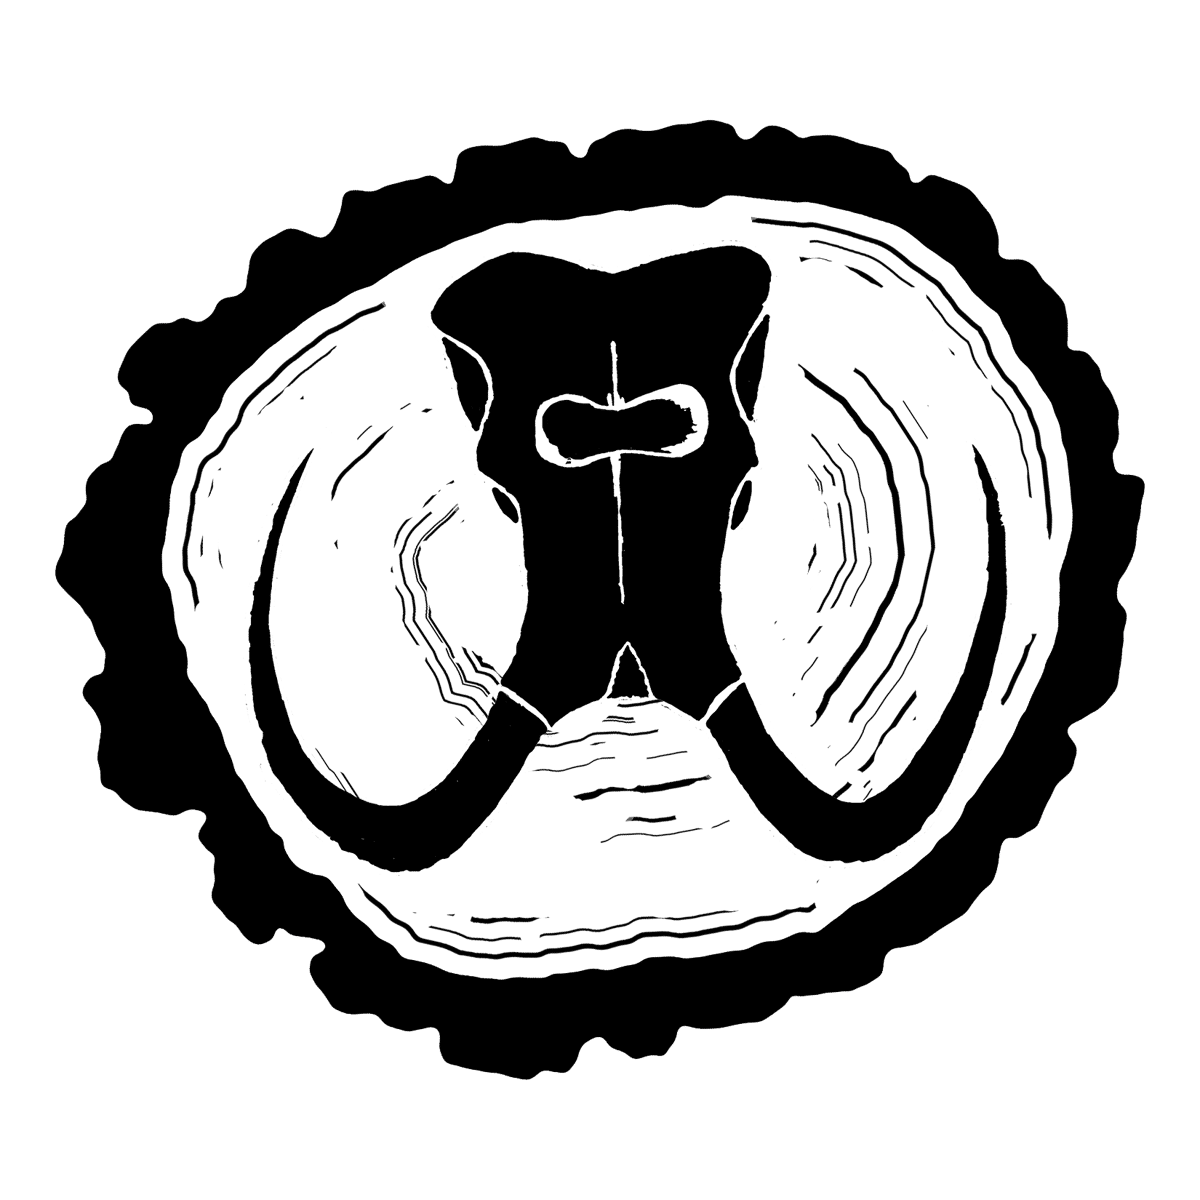 Bark and Skull icon